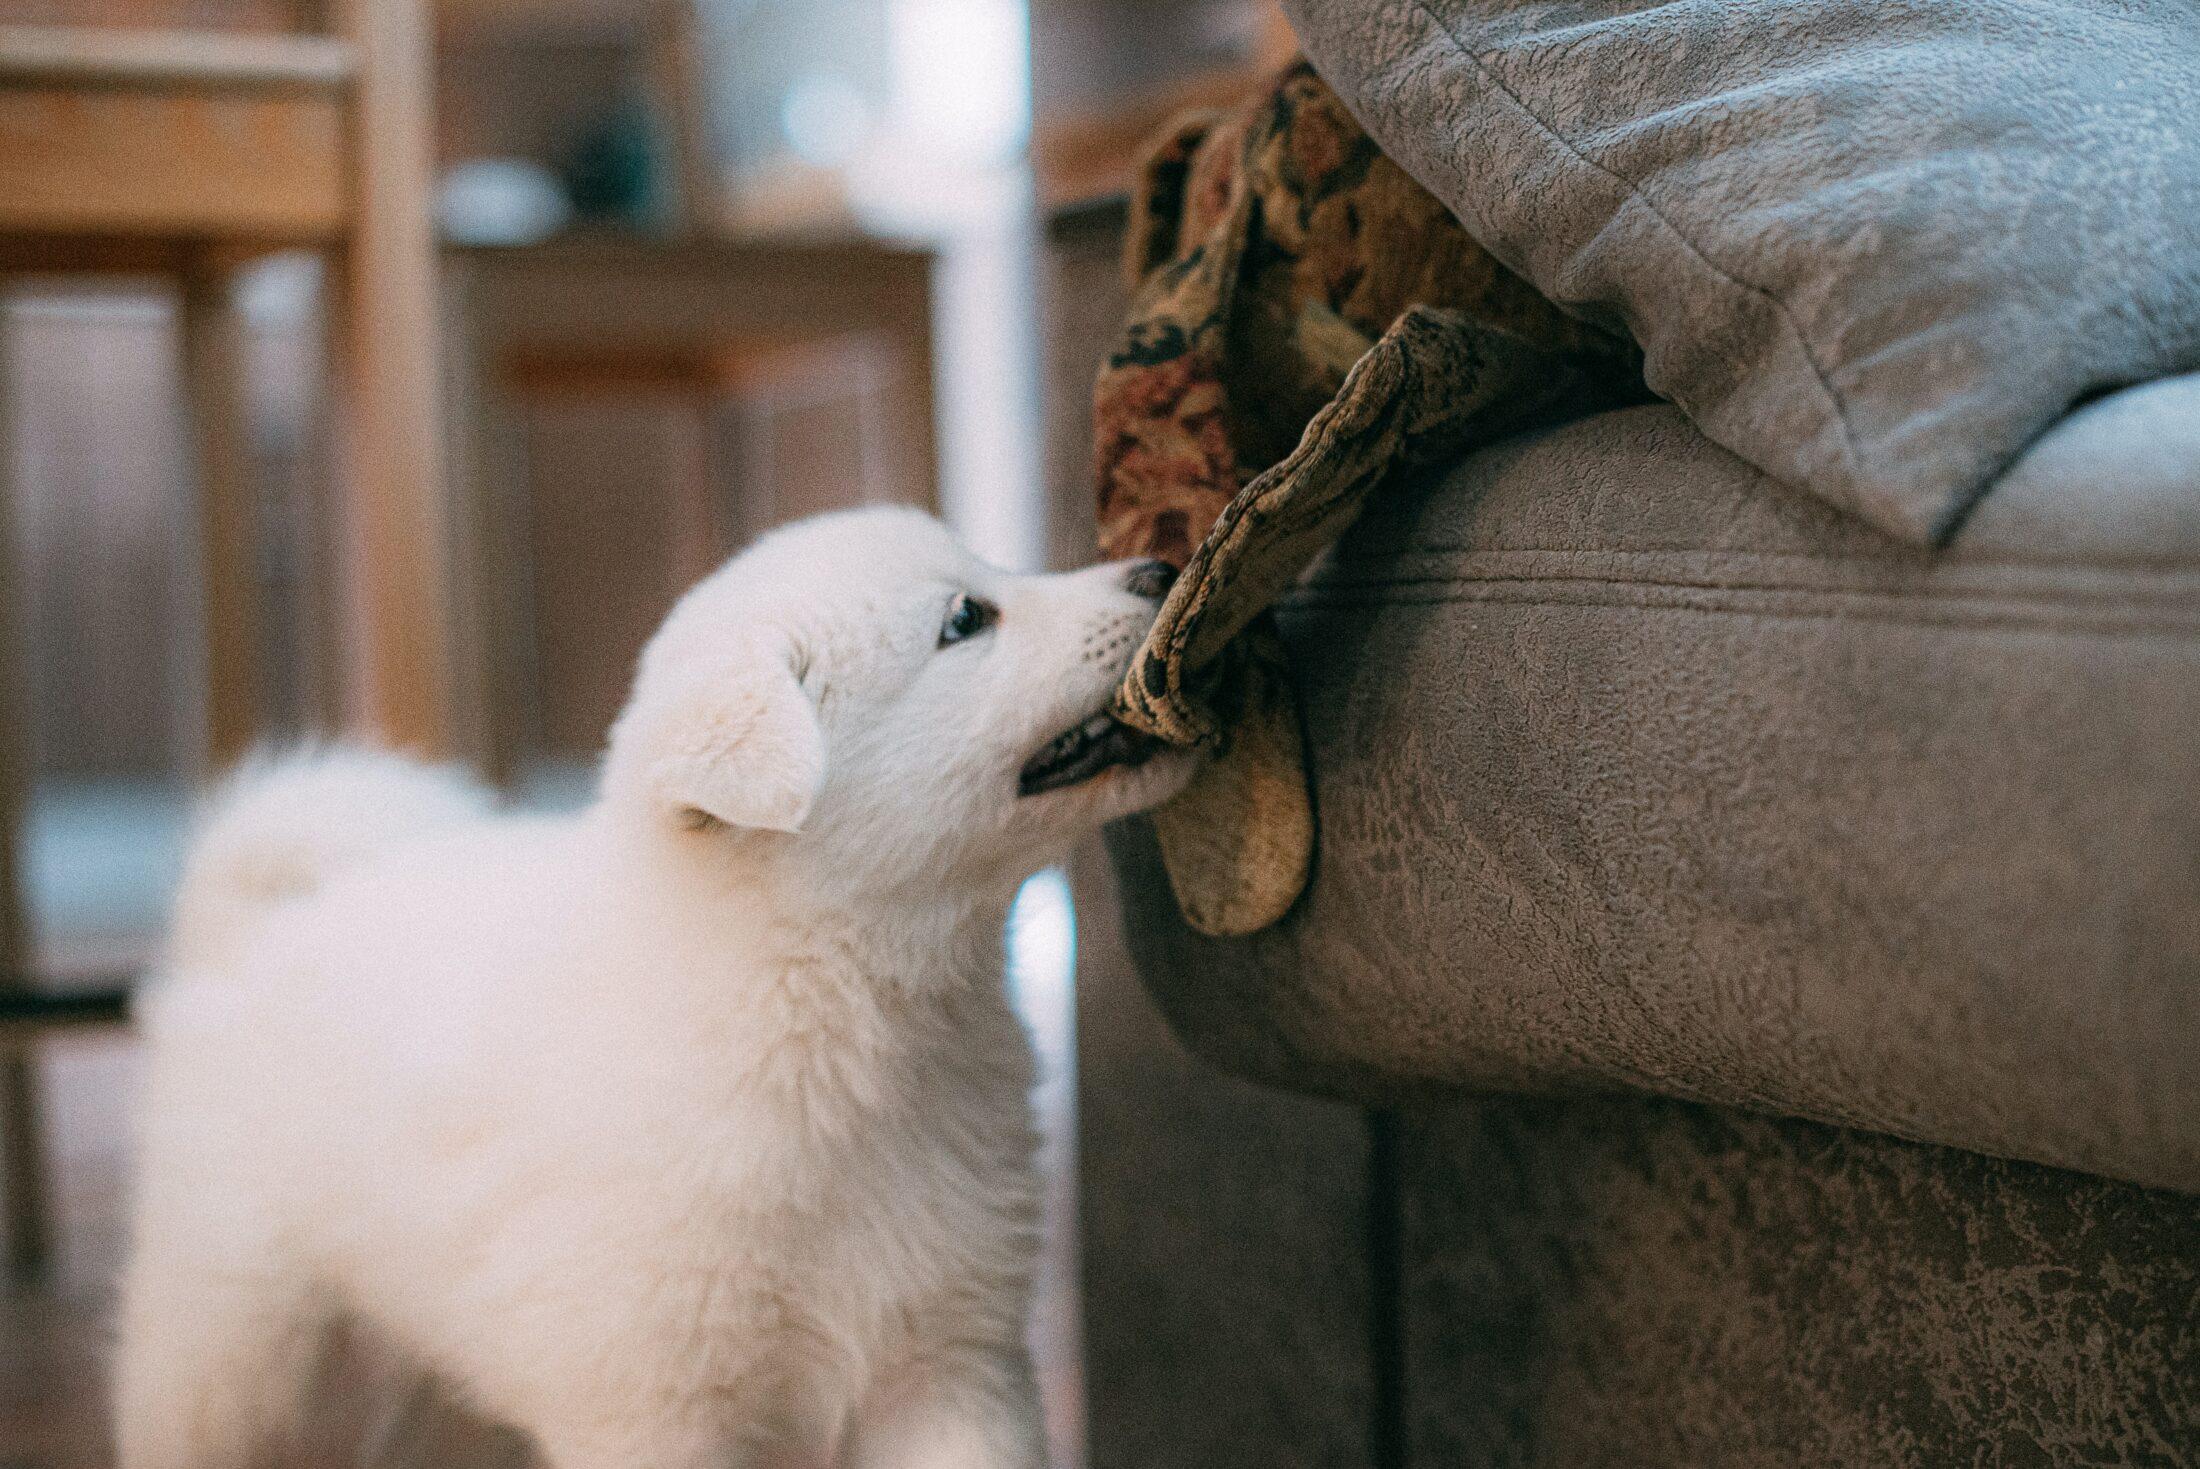 Despesas com pets incluem conforto e segurança, além de reposição de obejtos destruídos.